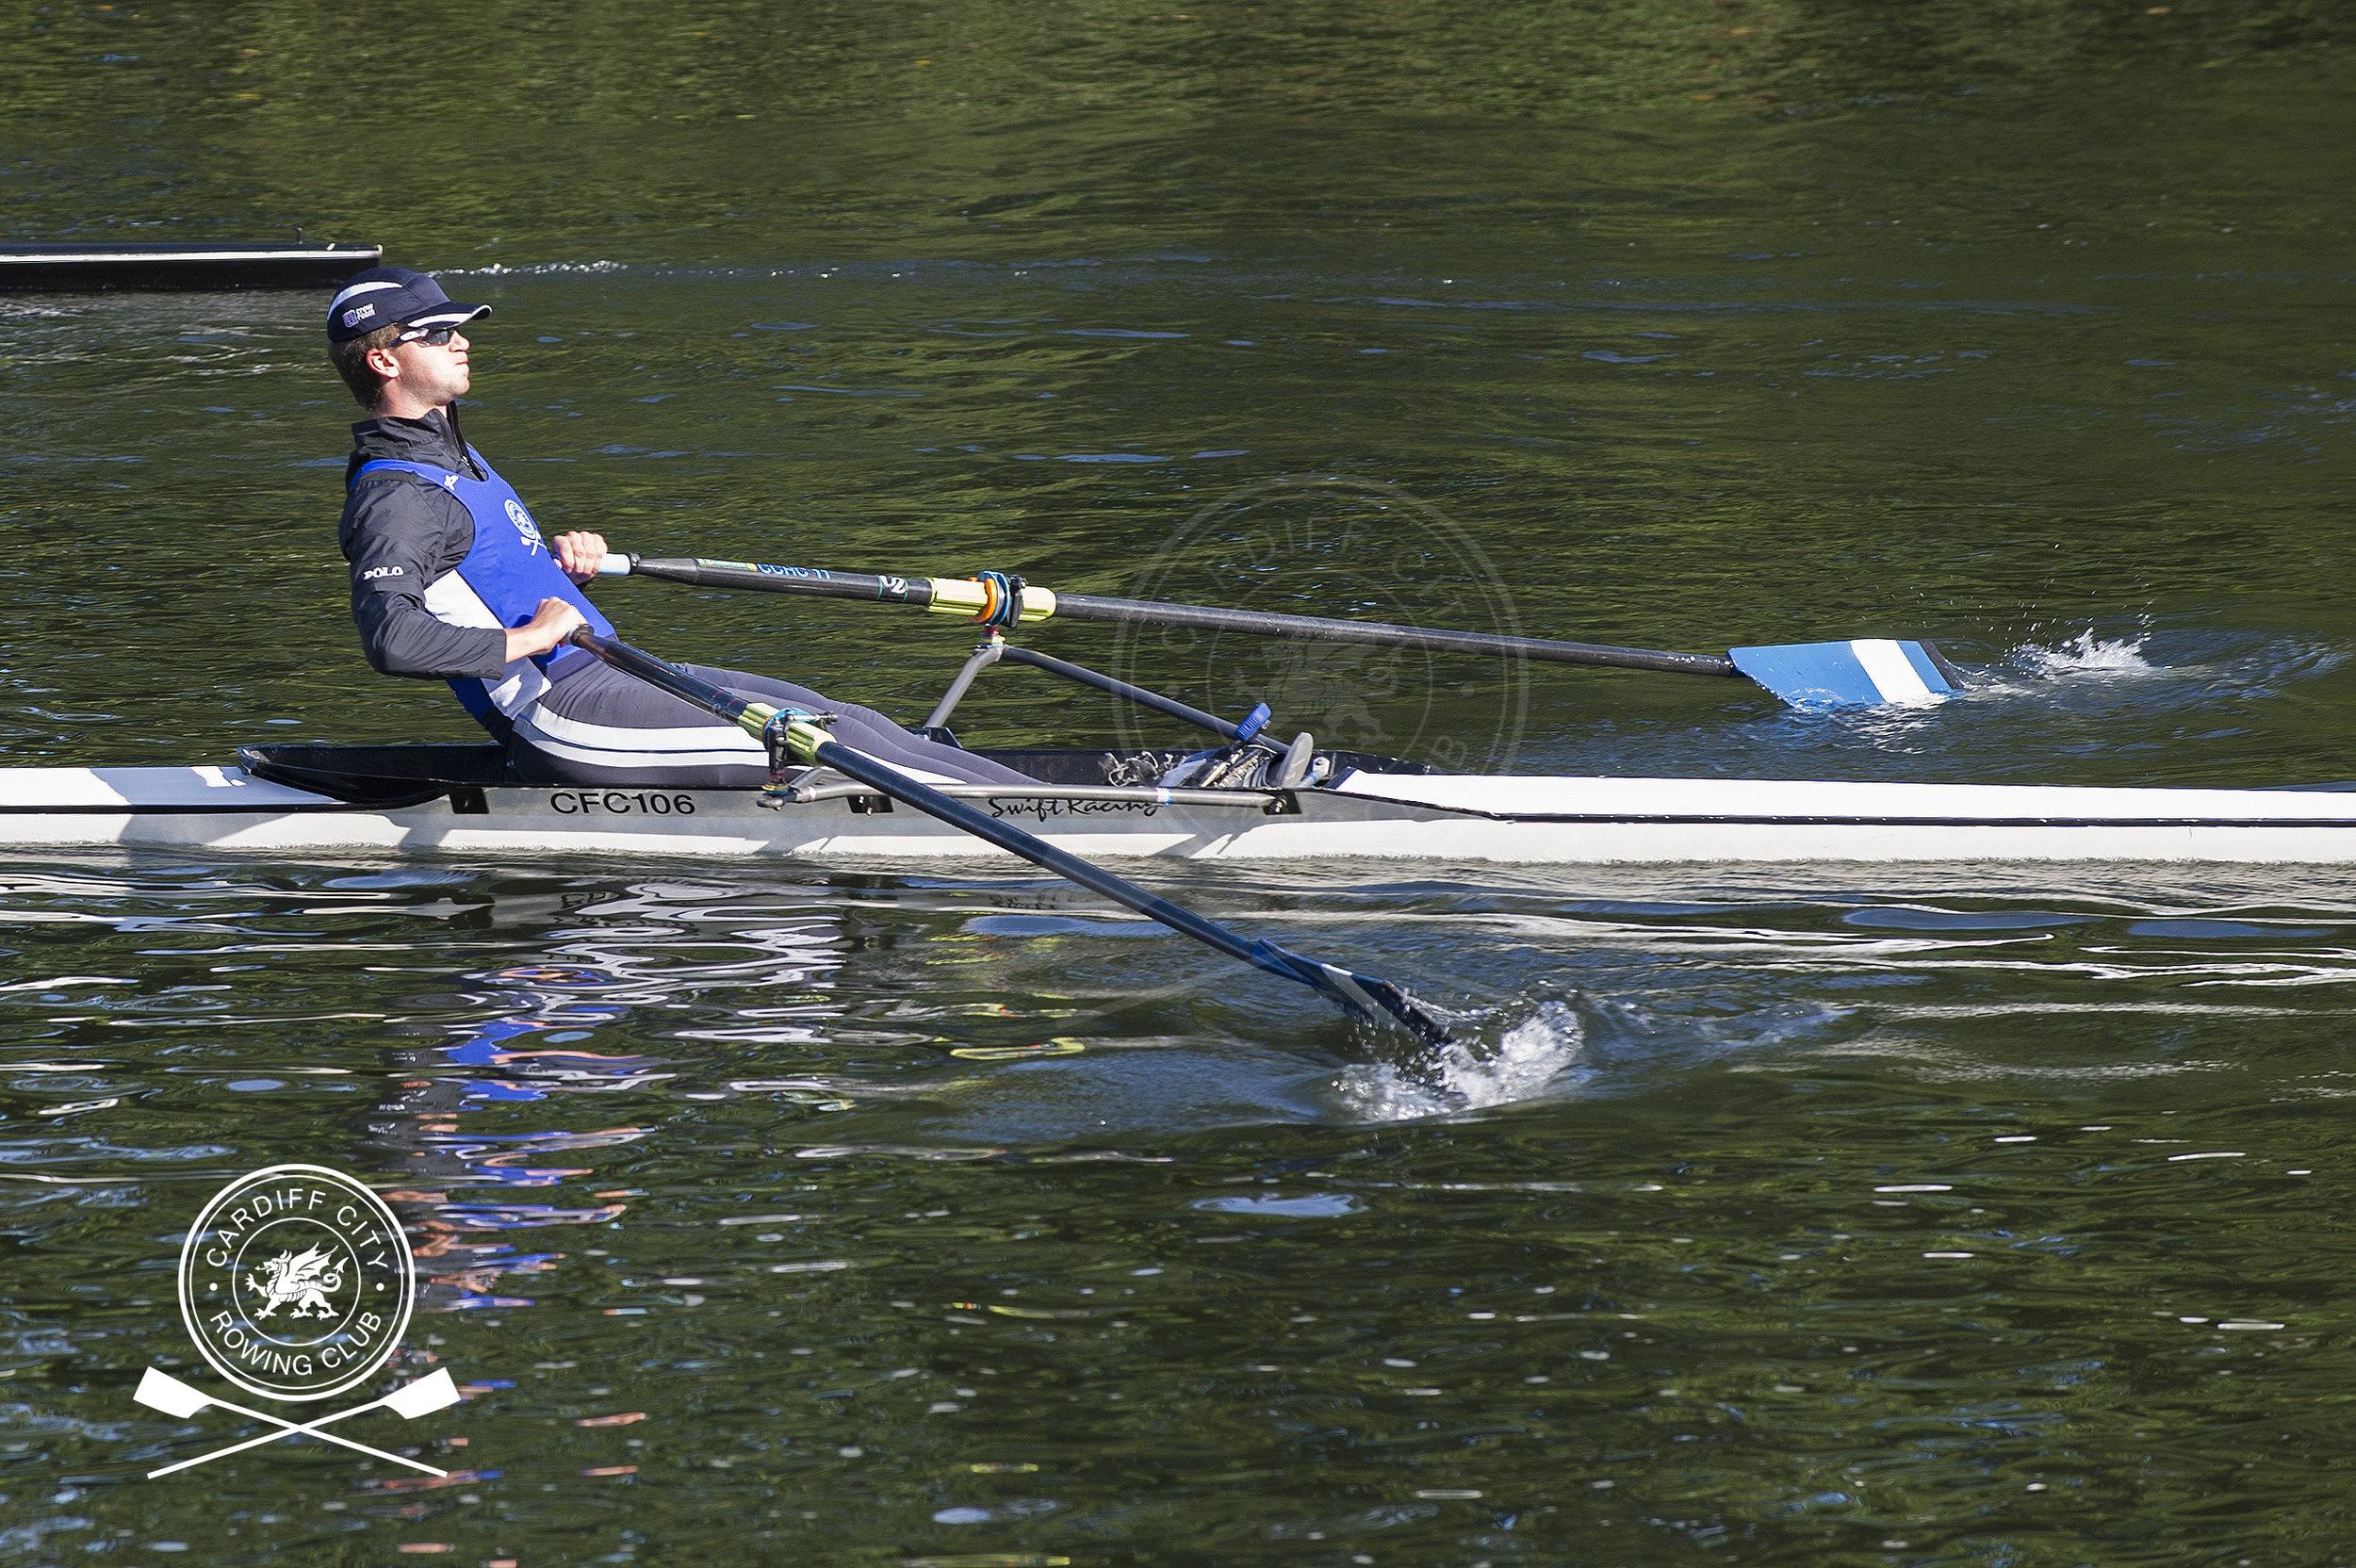 Cardiff_City_Head_Race_159.jpg